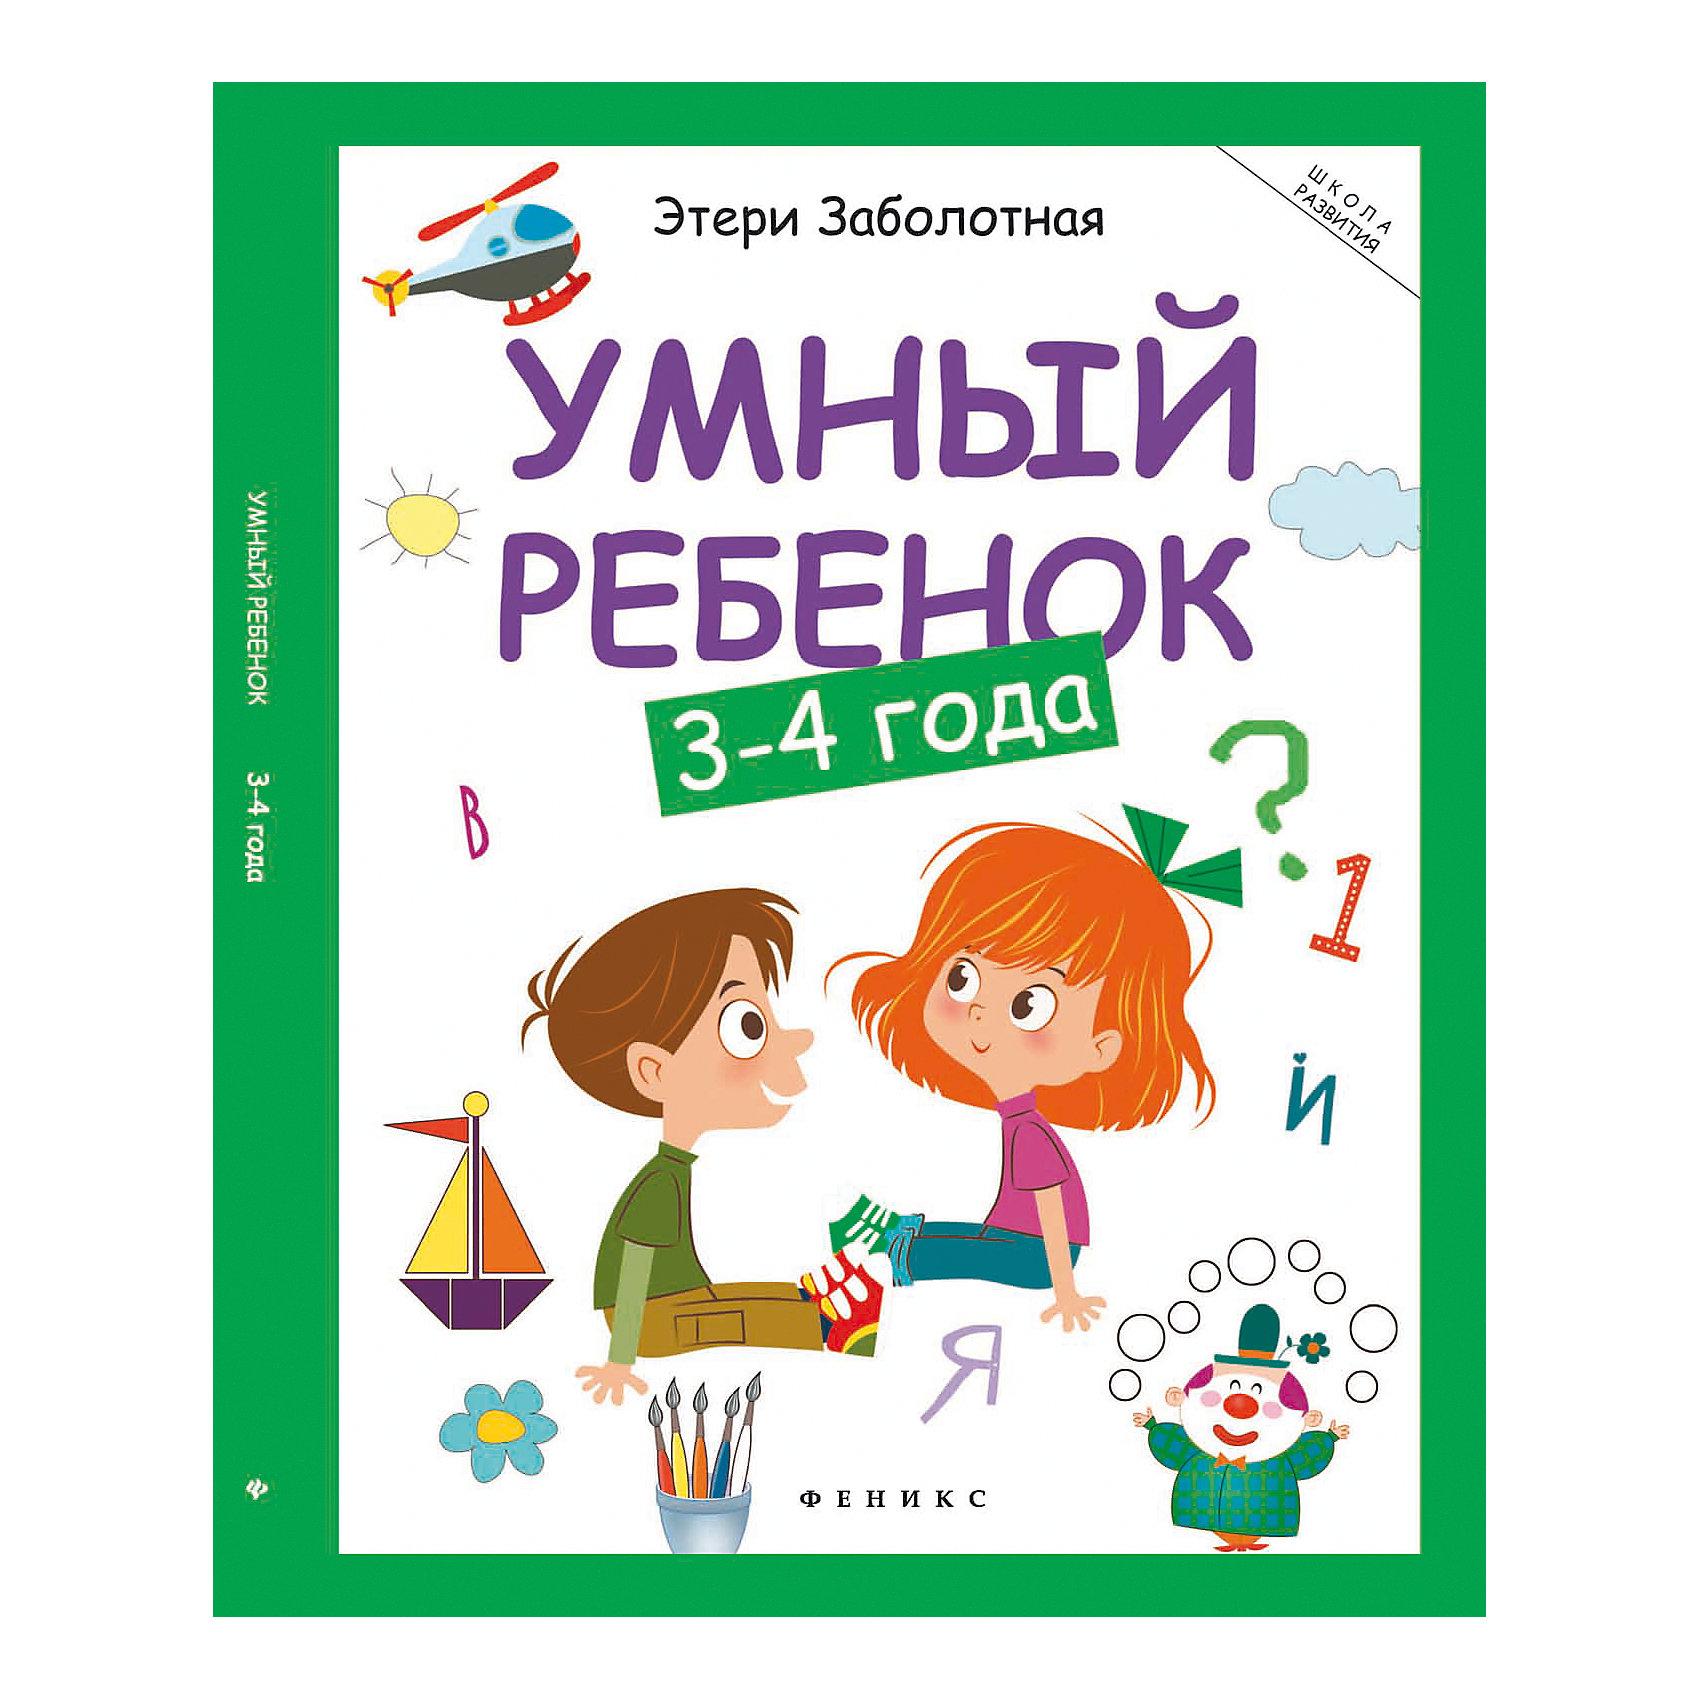 Умный ребенок: 3-4 годаУмный ребенок: 3-4 года – это красочная книга, представляющий собой цикл занятий с игровыми иллюстрированными заданиями для малышей.<br>В книге содержится множество заданий для малышей от 3 до 4 лет. Задания охватывают самые разные области: изучение цифр и счета, букв. Есть упражнения на внимательность (найти различия, найди ошибку). Логические задачи: найди лишнее, продолжи последовательность. В некоторых заданиях нужно использовать карандаши: обвести рисунок по контуру, дорисовать рисунок. Все задания и упражнения даны в игровой форме. Серия книг Умный ребенок представляет собой комплексную программу умственного развития ребенка от 2 до 6 лет и содержит 4 пособия. Обучаясь по данной программе, ребенок получит раннее, всестороннее развитие интеллекта и приобретет необходимые знания, умения и навыки для успешного обучения в школе.<br><br>Дополнительная информация:<br><br>- Автор: Заболотная Этери Николаевна<br>- Художник: Сытько Светлана<br>- Редактор: Бахметова Юлия<br>- Издательство: Феникс-Премьер<br>- Серия: Школа развития<br>- Тип обложки: мягкий переплет (крепление скрепкой или клеем)<br>- Иллюстрации: цветные<br>- Количество страниц: 128 (офсет)<br>- Размер: 260x200x11 мм.<br>- Вес: 450 гр.<br><br>Книга «Умный ребенок: 3-4 года» - это издание, предназначенное для педагогов дошкольных учреждений, воспитателей, гувернёров, а также для индивидуальных занятий родителей с детьми.<br><br>Книгу «Умный ребенок: 3-4 года» можно купить в нашем интернет-магазине.<br><br>Ширина мм: 204<br>Глубина мм: 8<br>Высота мм: 259<br>Вес г: 373<br>Возраст от месяцев: 36<br>Возраст до месяцев: 48<br>Пол: Унисекс<br>Возраст: Детский<br>SKU: 4994798